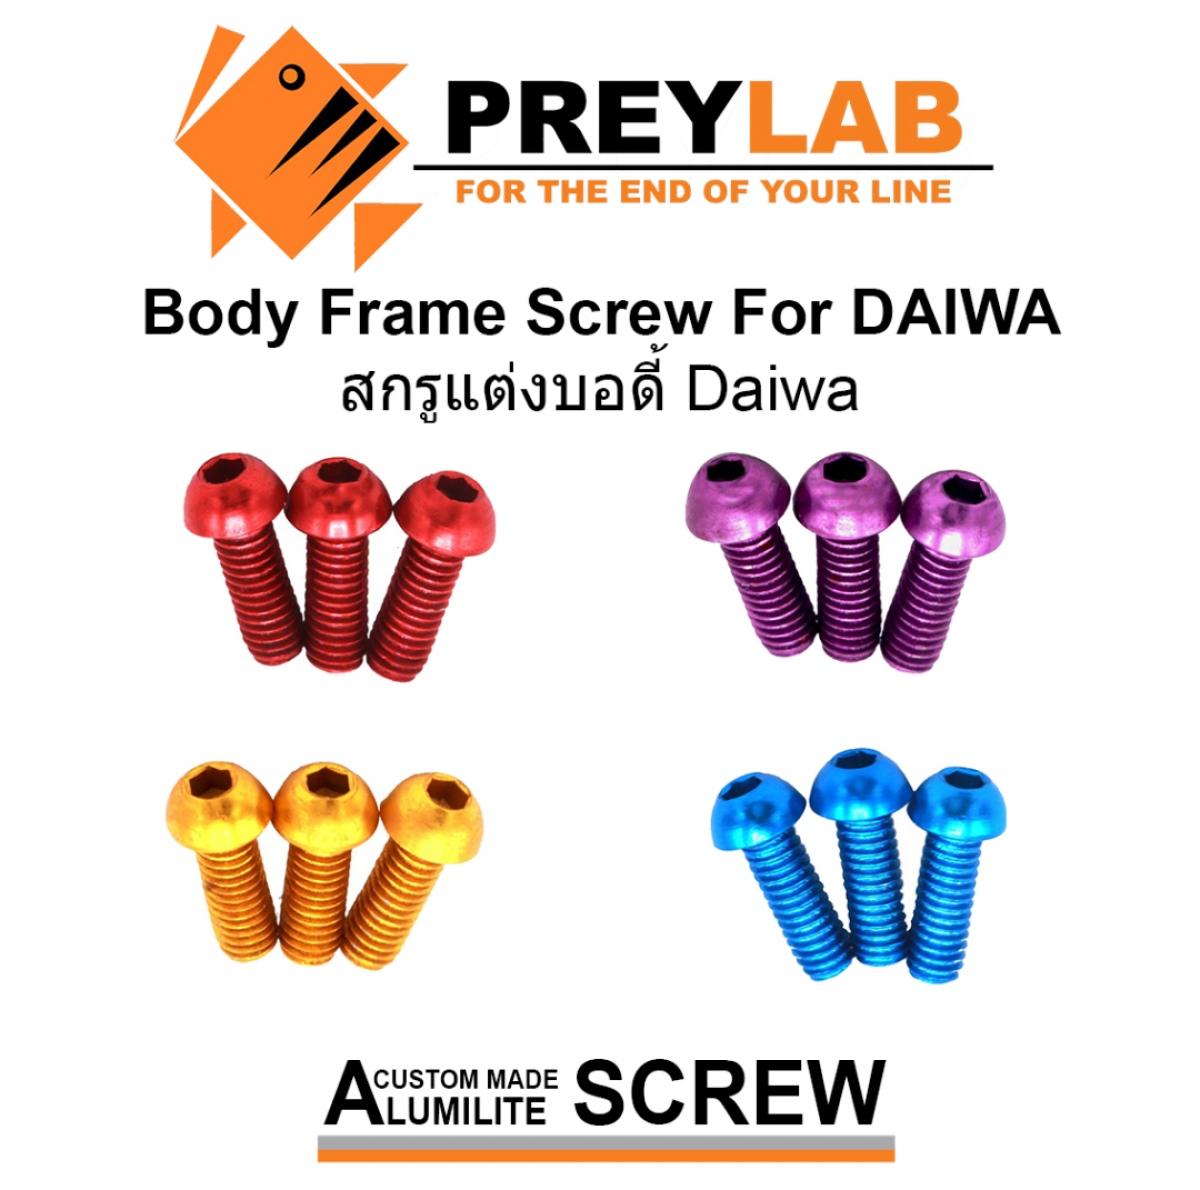 เทคนิควิธีการเปลี่ยนน๊อตบอดี้รอกหยดน้ำ Daiwa